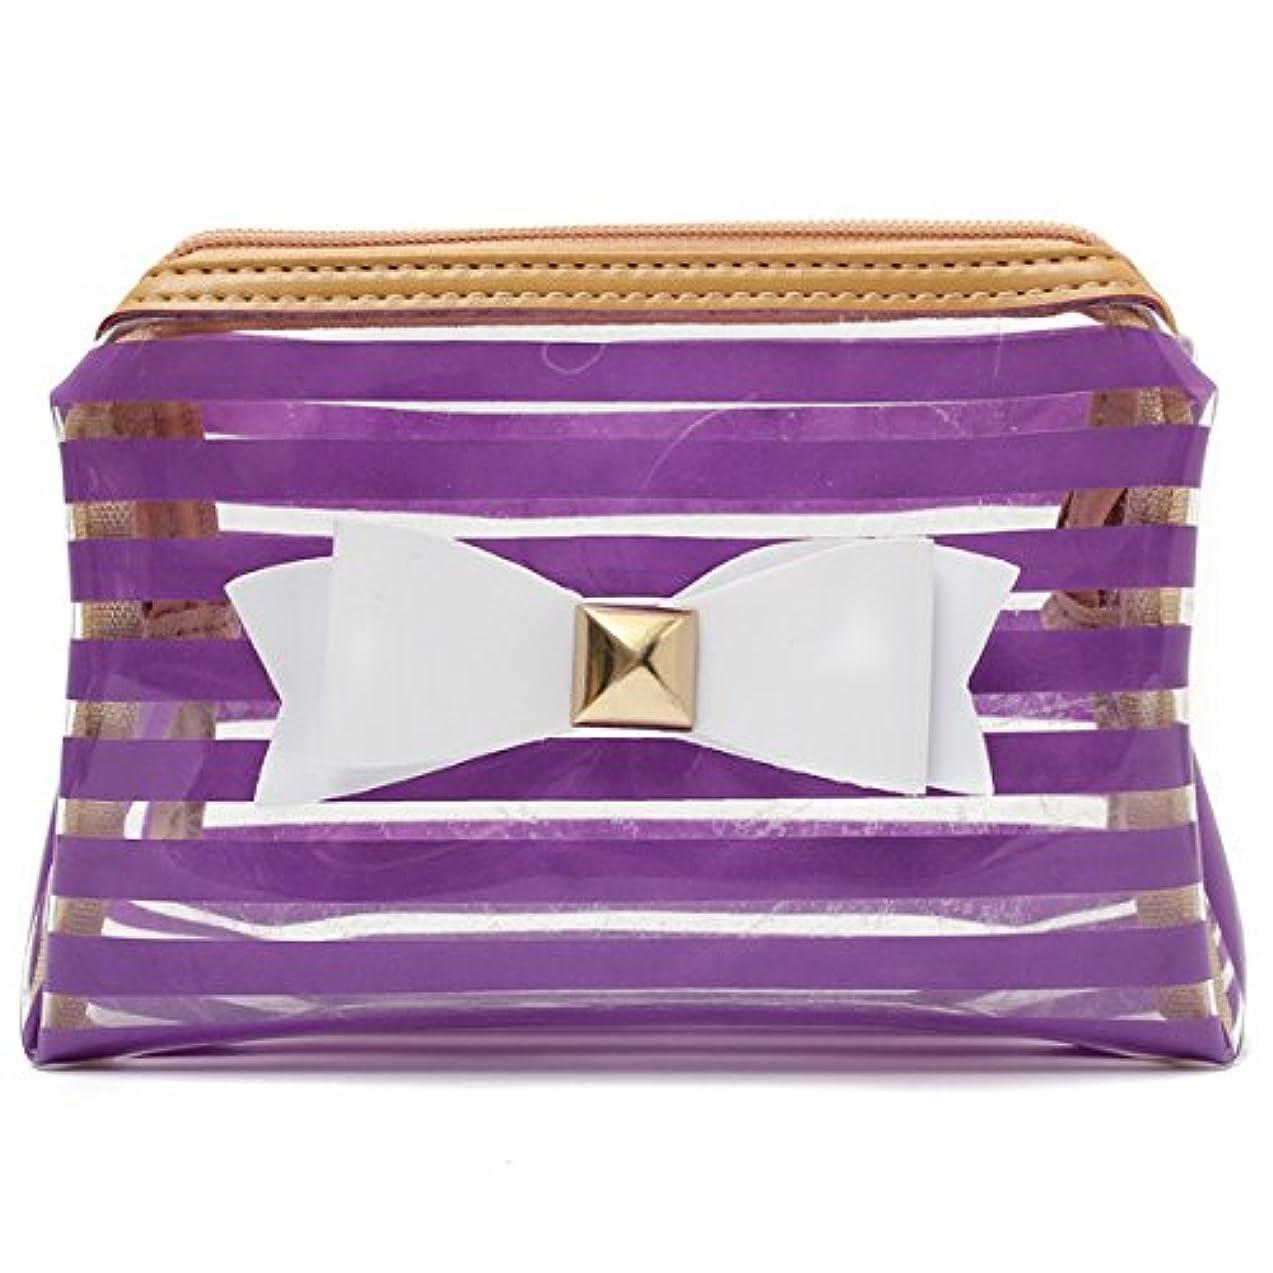 地球ペンスファイルYZUEYT ストライプ透明な化粧品のバッグ旅行PVCボウタイはオーガナイザーケースを作る YZUEYT (Color : Color Purple Hippo)